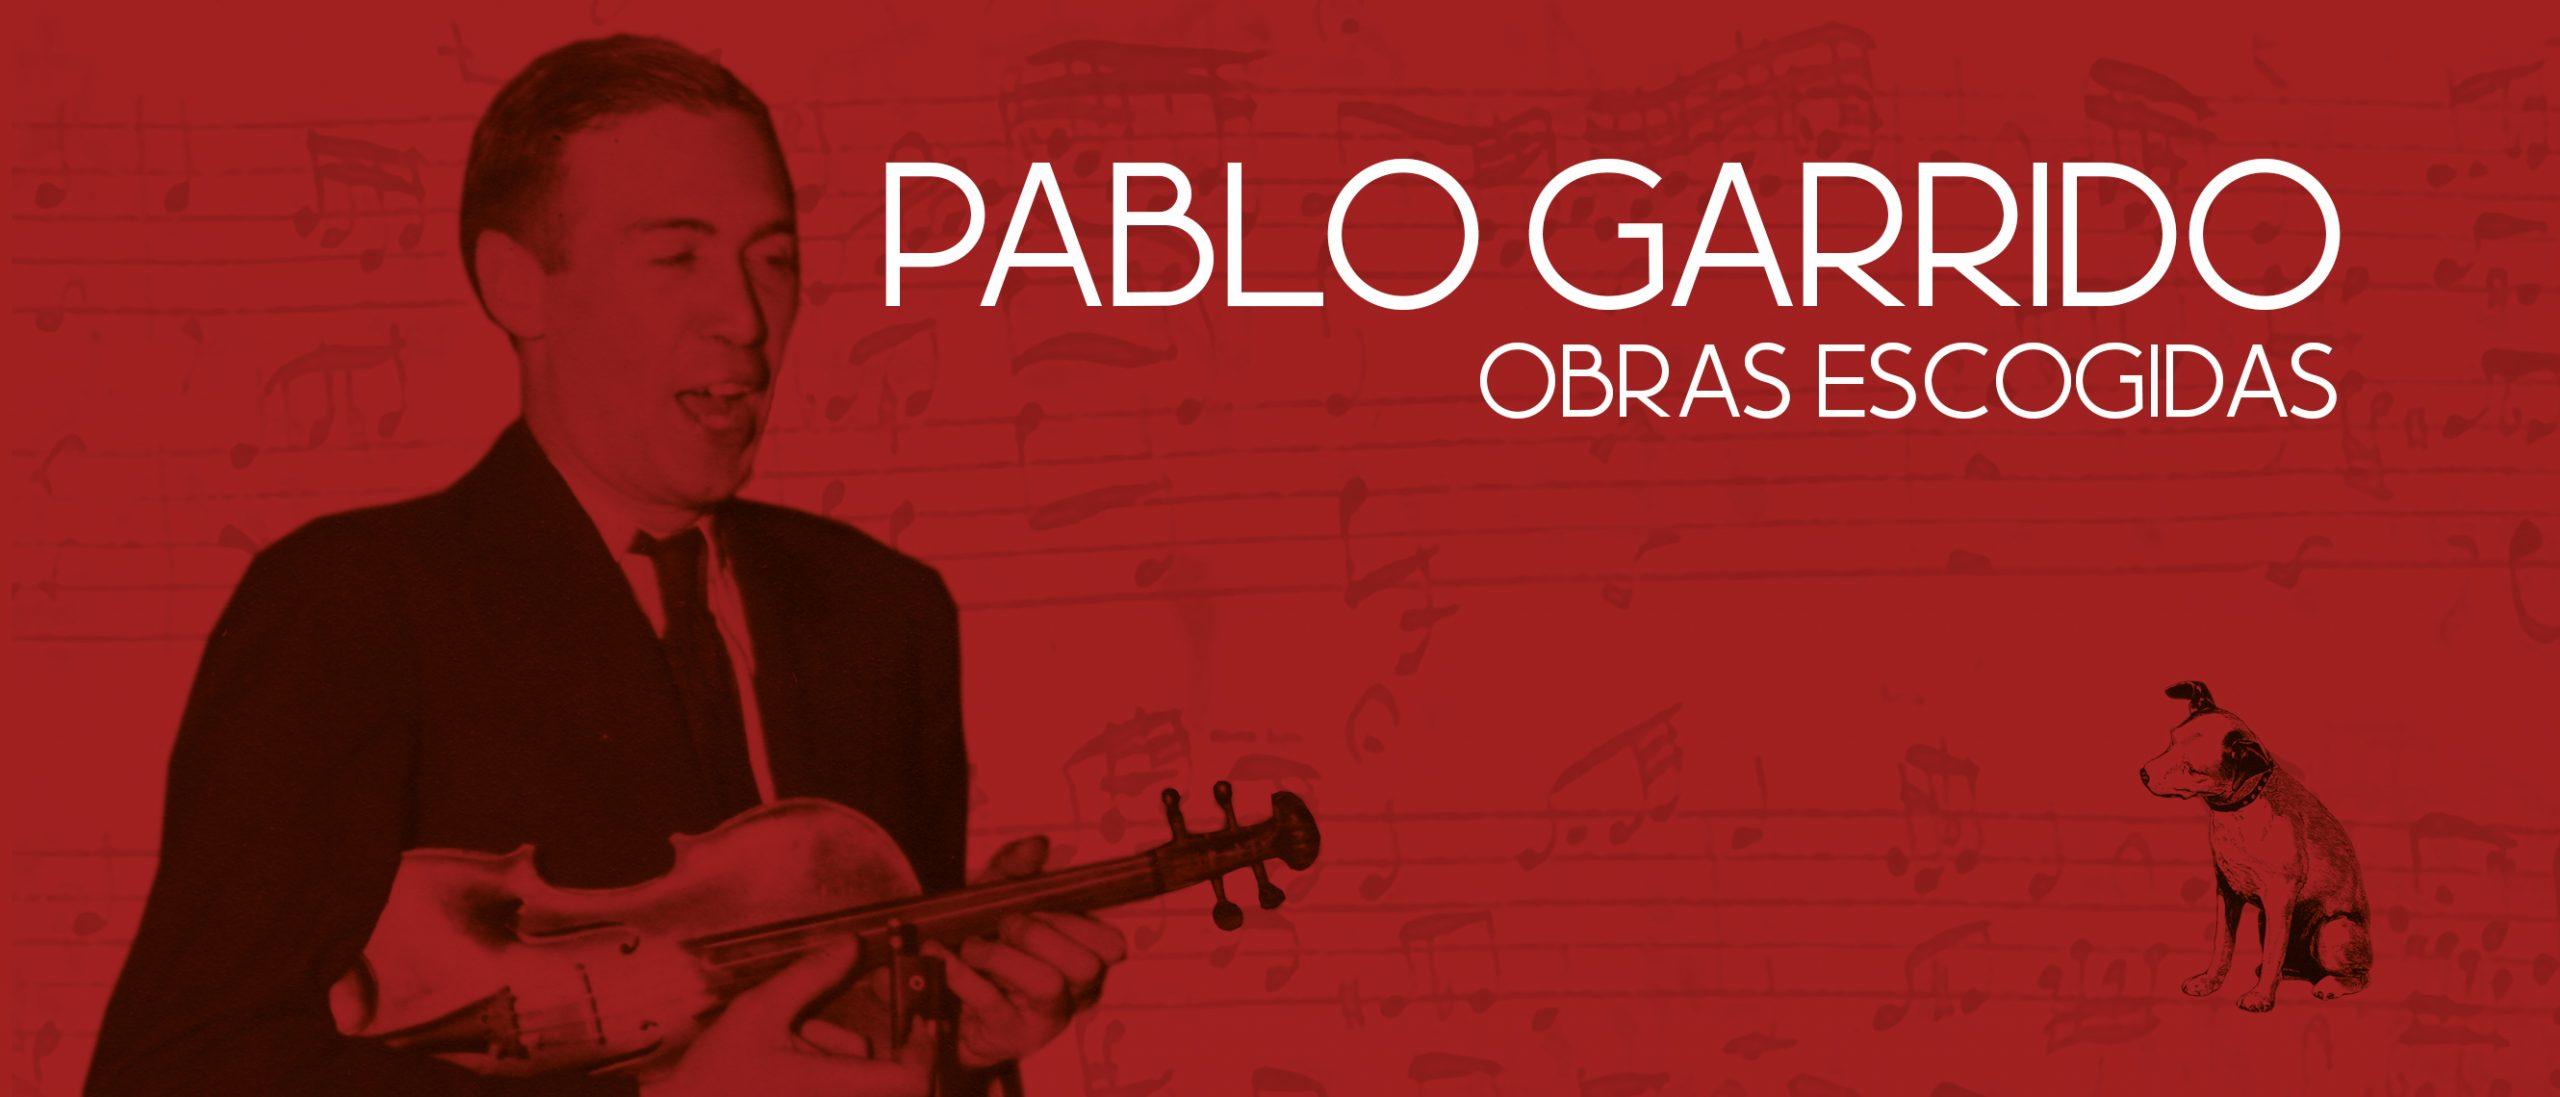 Está disponible el disco Obras Escogidas de Pablo Garrido